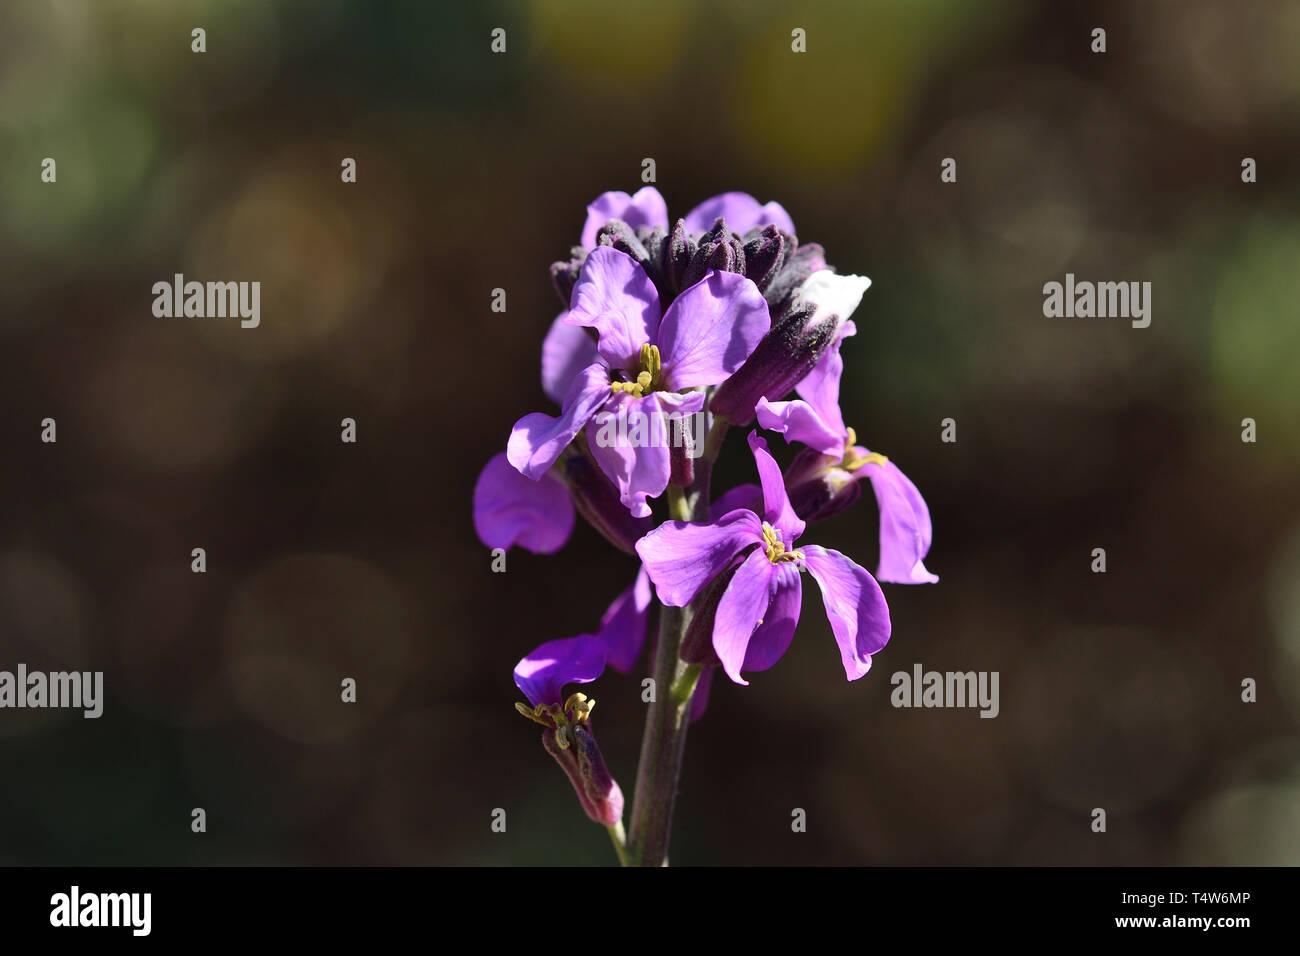 Nahaufnahme eines erysimum scoparium Blume in voller Blüte Stockbild